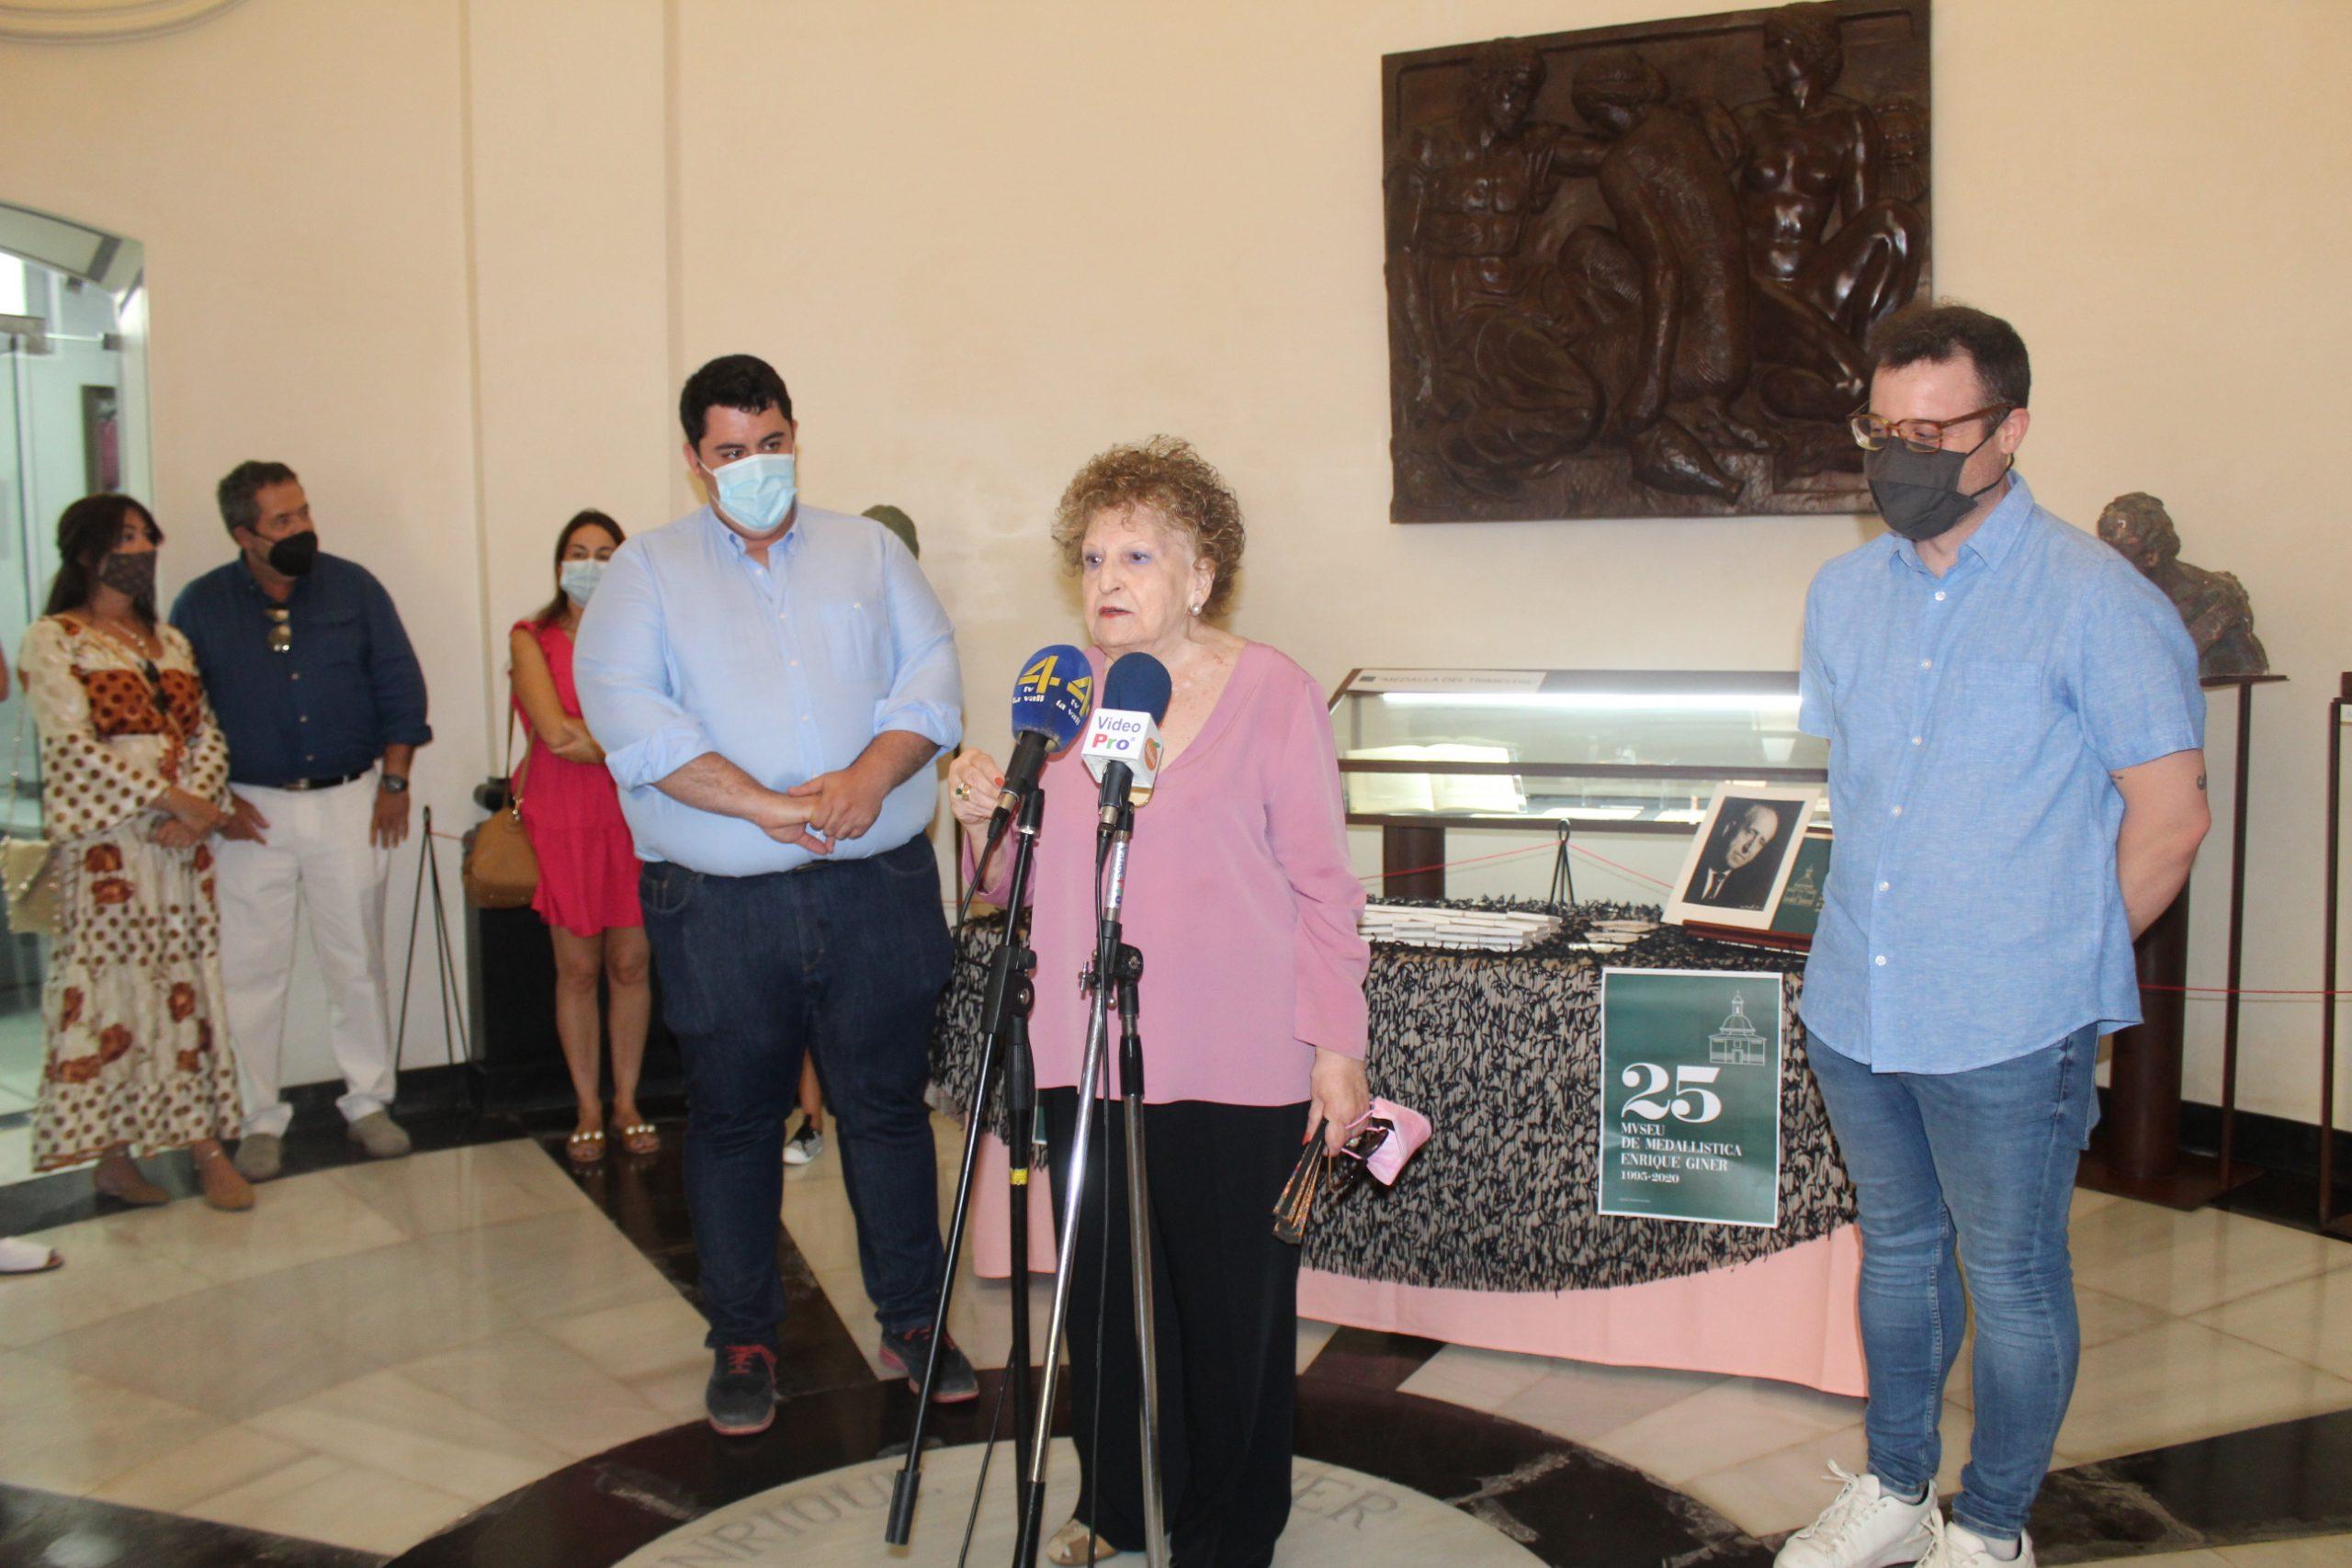 Nules otorga una medalla conmemorativa del 25 aniversario del museo de medallística Enrique Giner a la hija del escultor